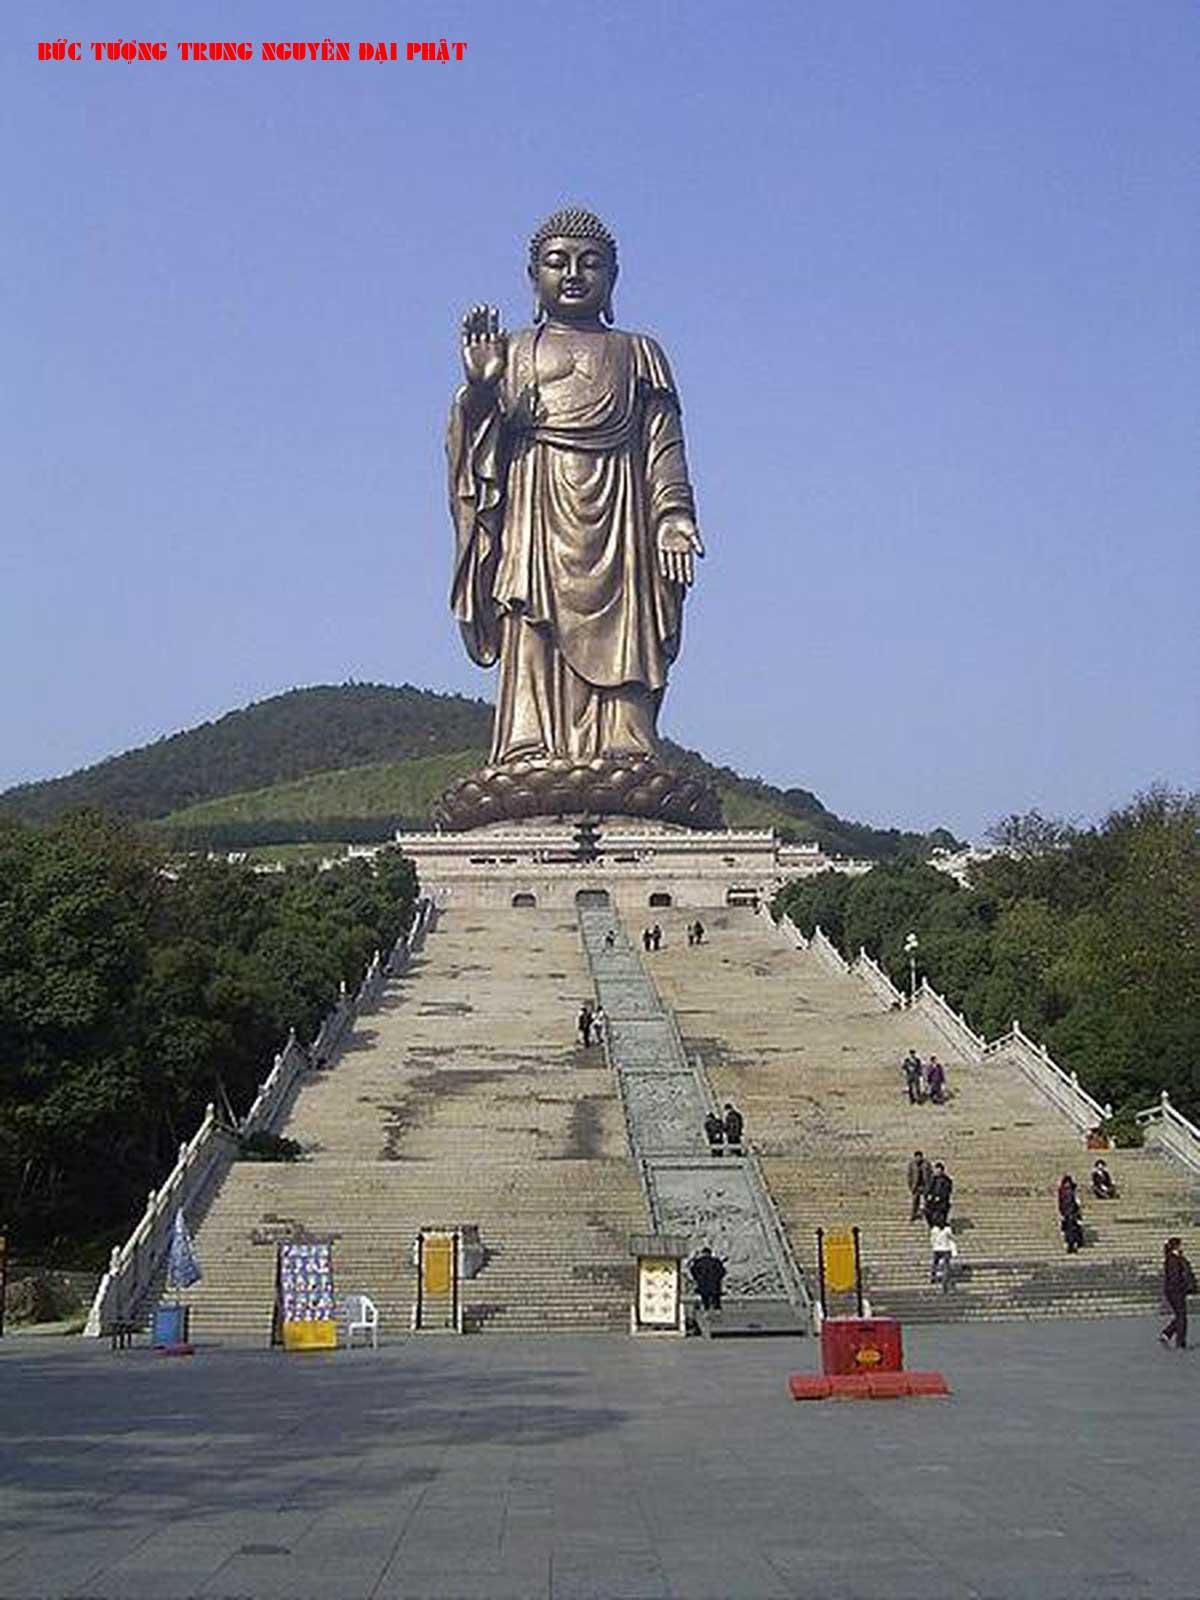 Bức Tượng Trung Nguyên Đại Phật - TOP 10 BỨC TƯỢNG CAO NHẤT THẾ GIỚI CẬP NHẬT MỚI NHẤT NĂM 2021